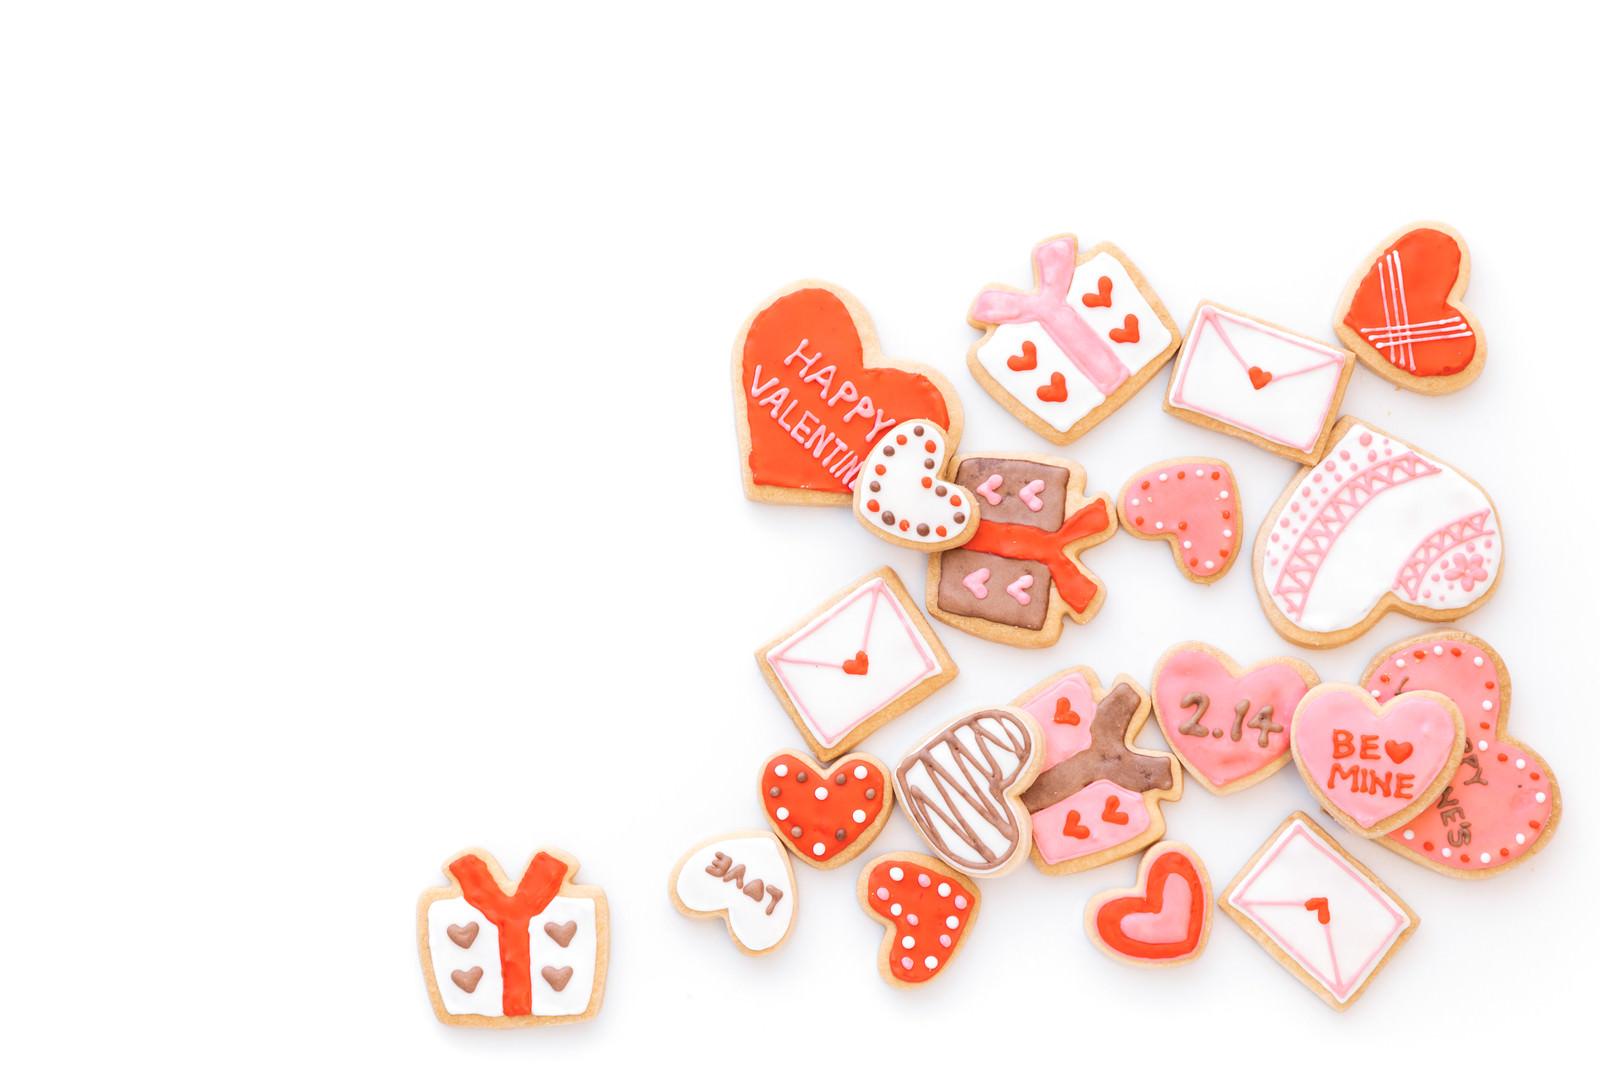 「バレンタインのハート型クッキー(背景用)」の写真